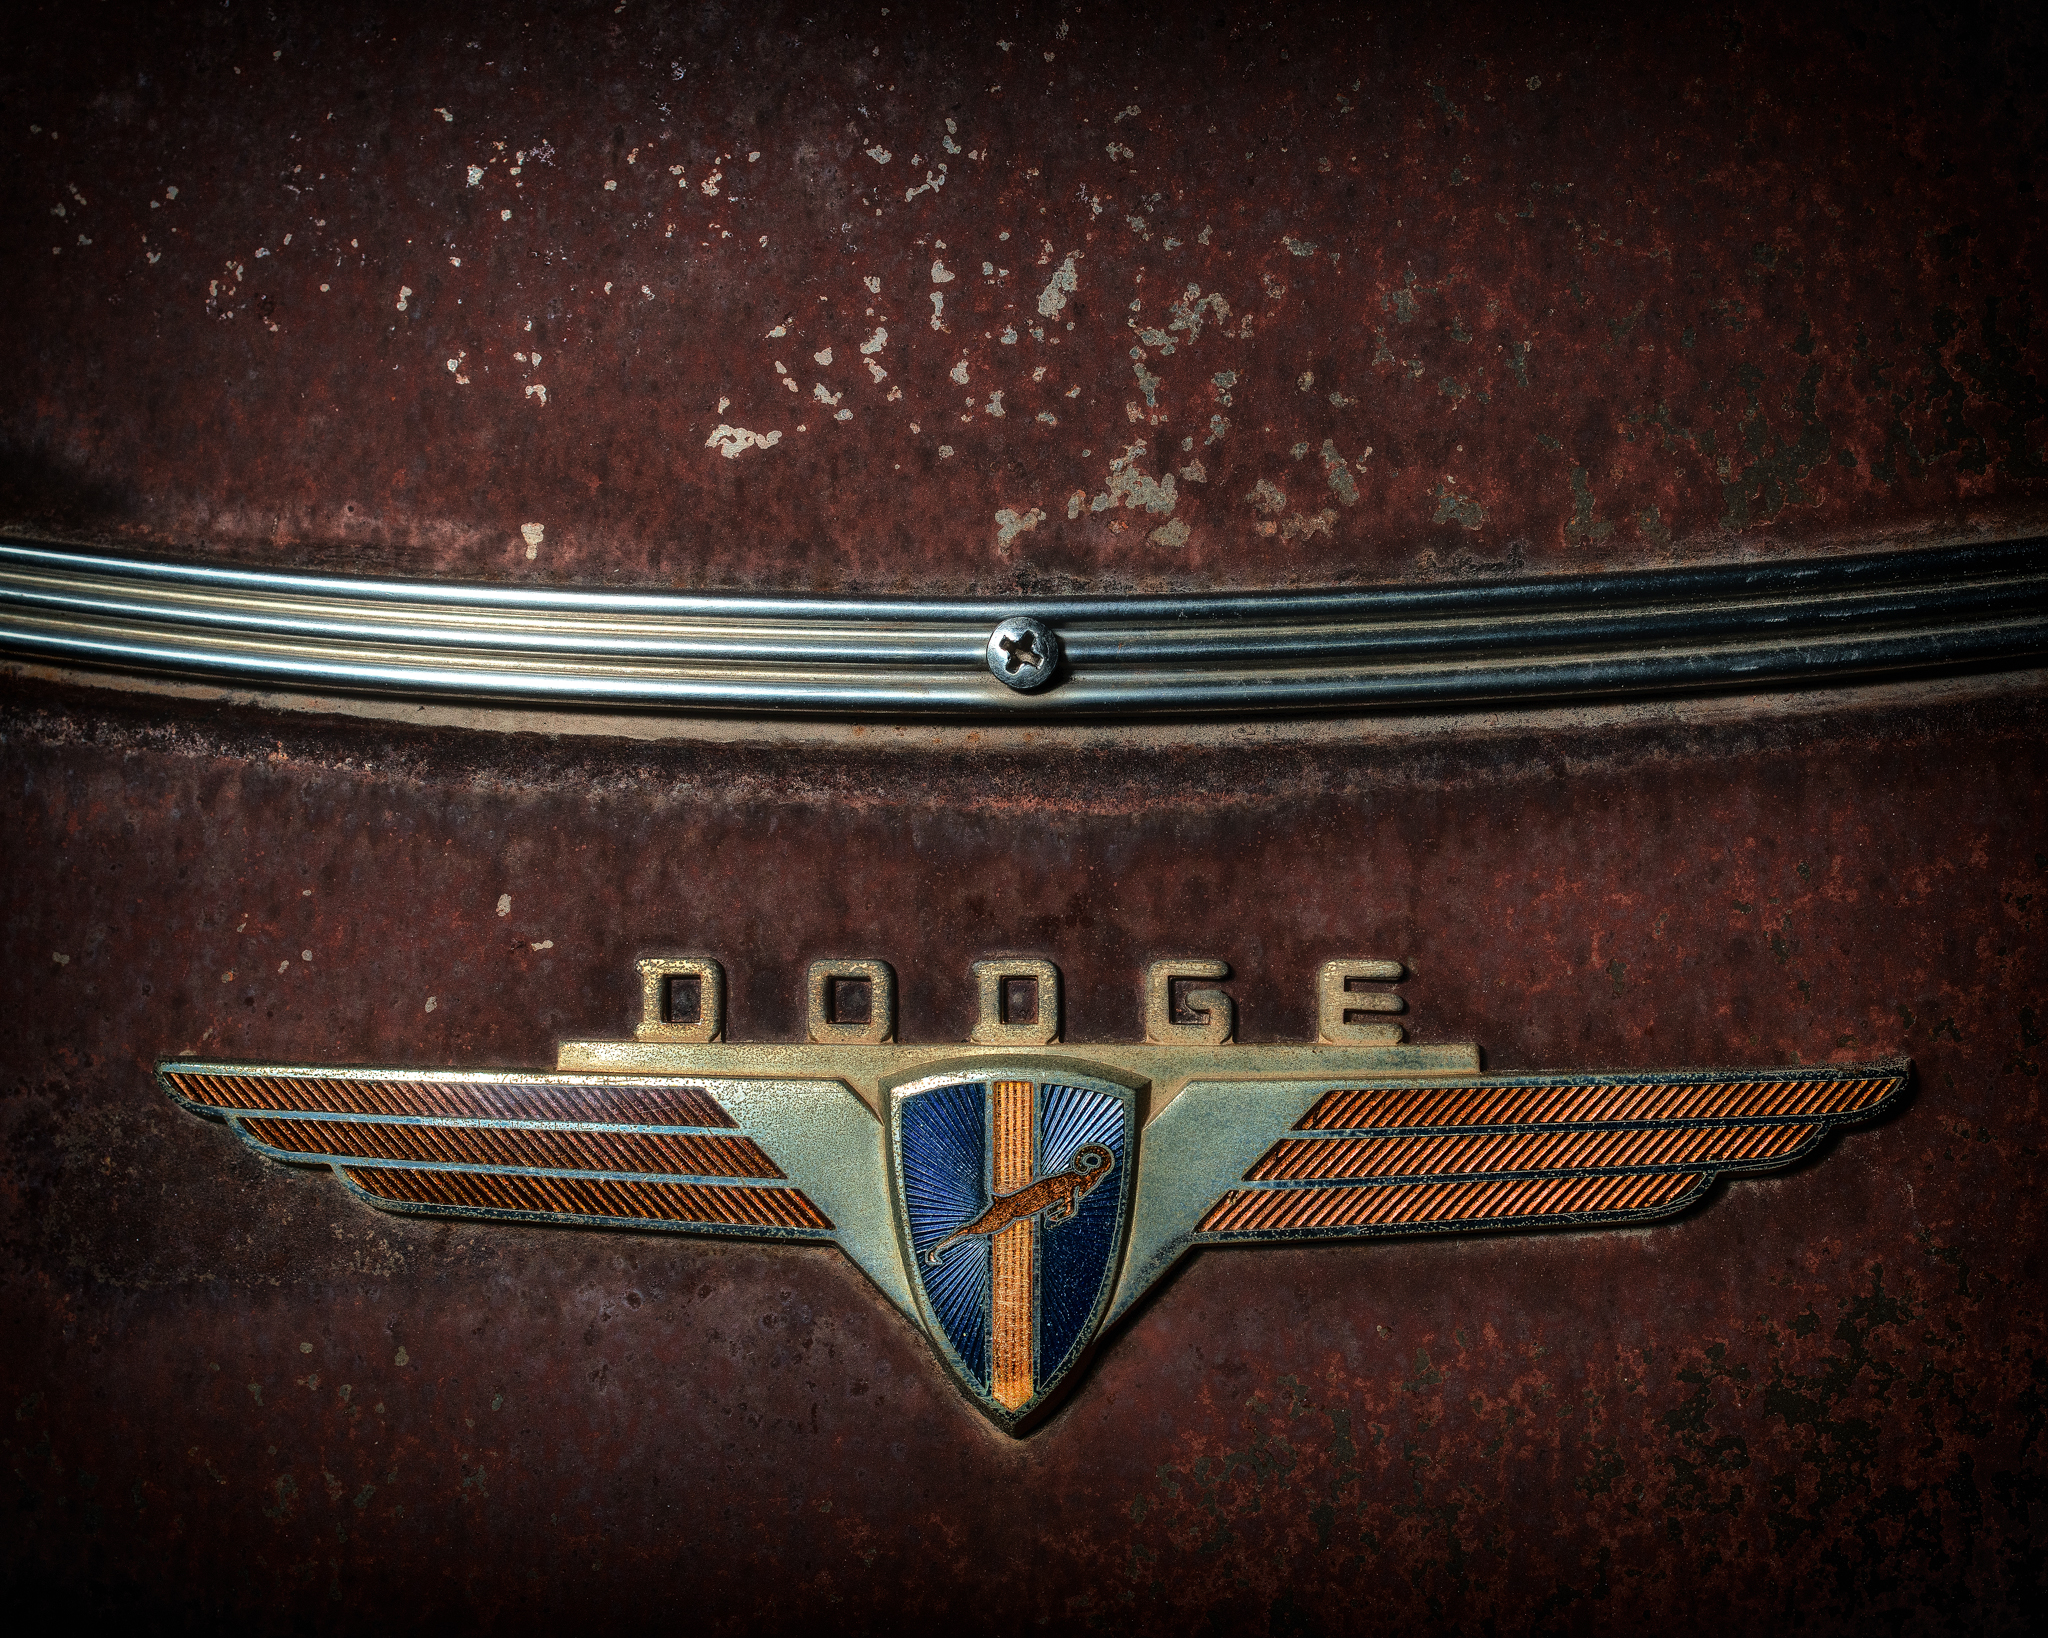 1940 Dodge #2